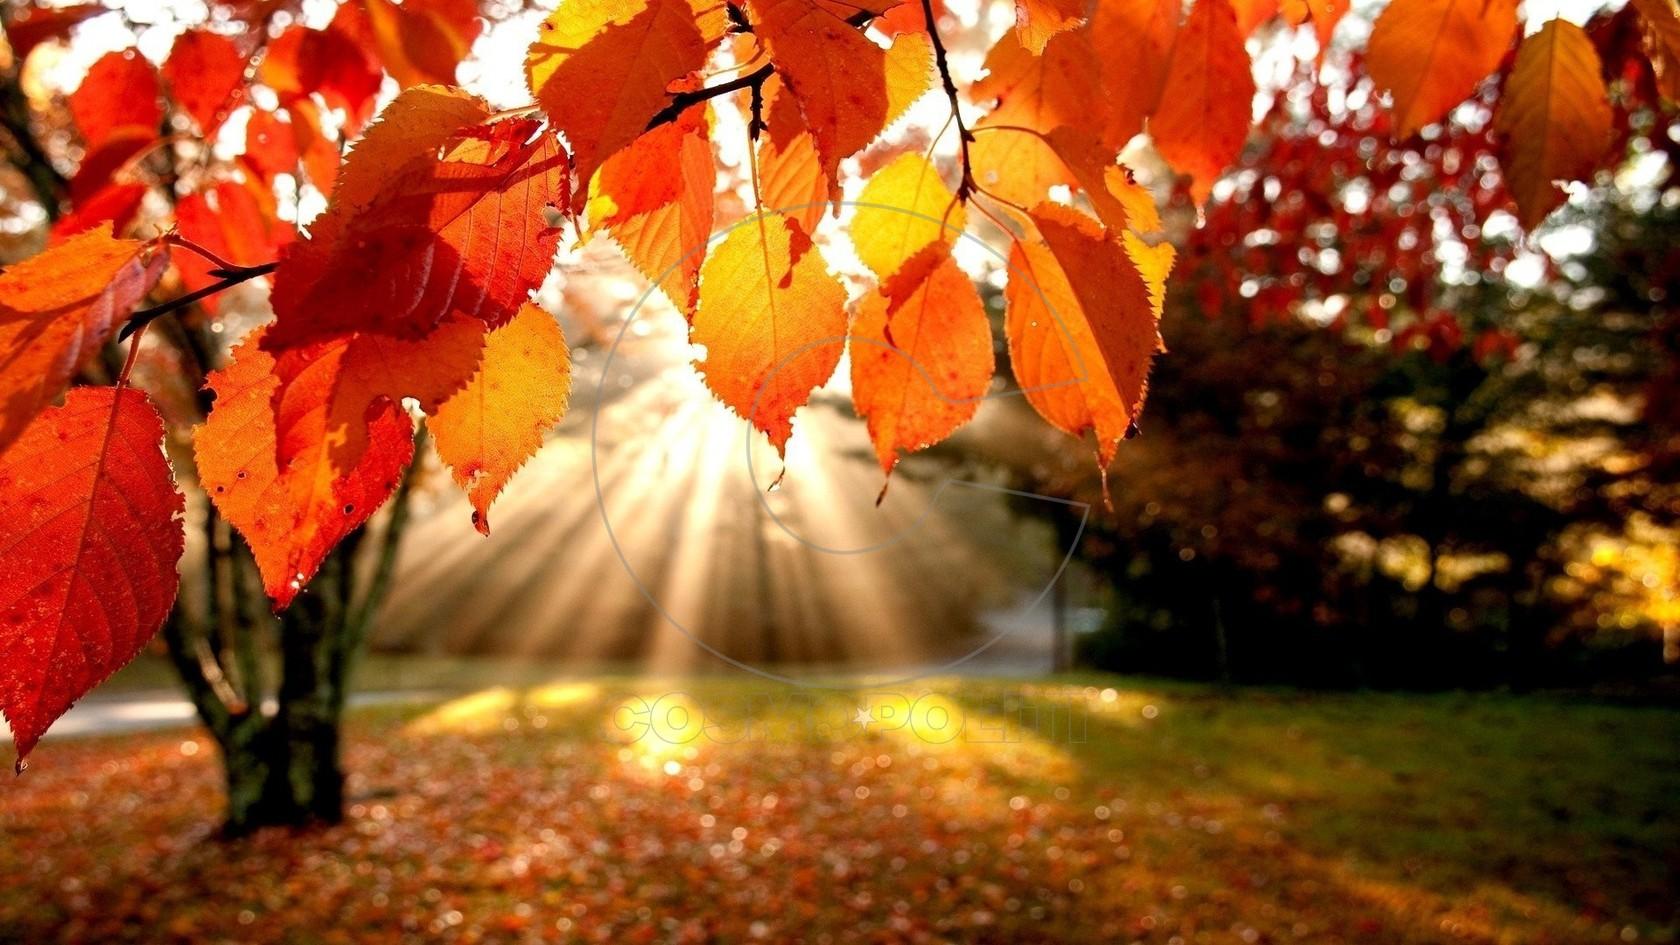 1395364828-autumnleaves-jpg-original